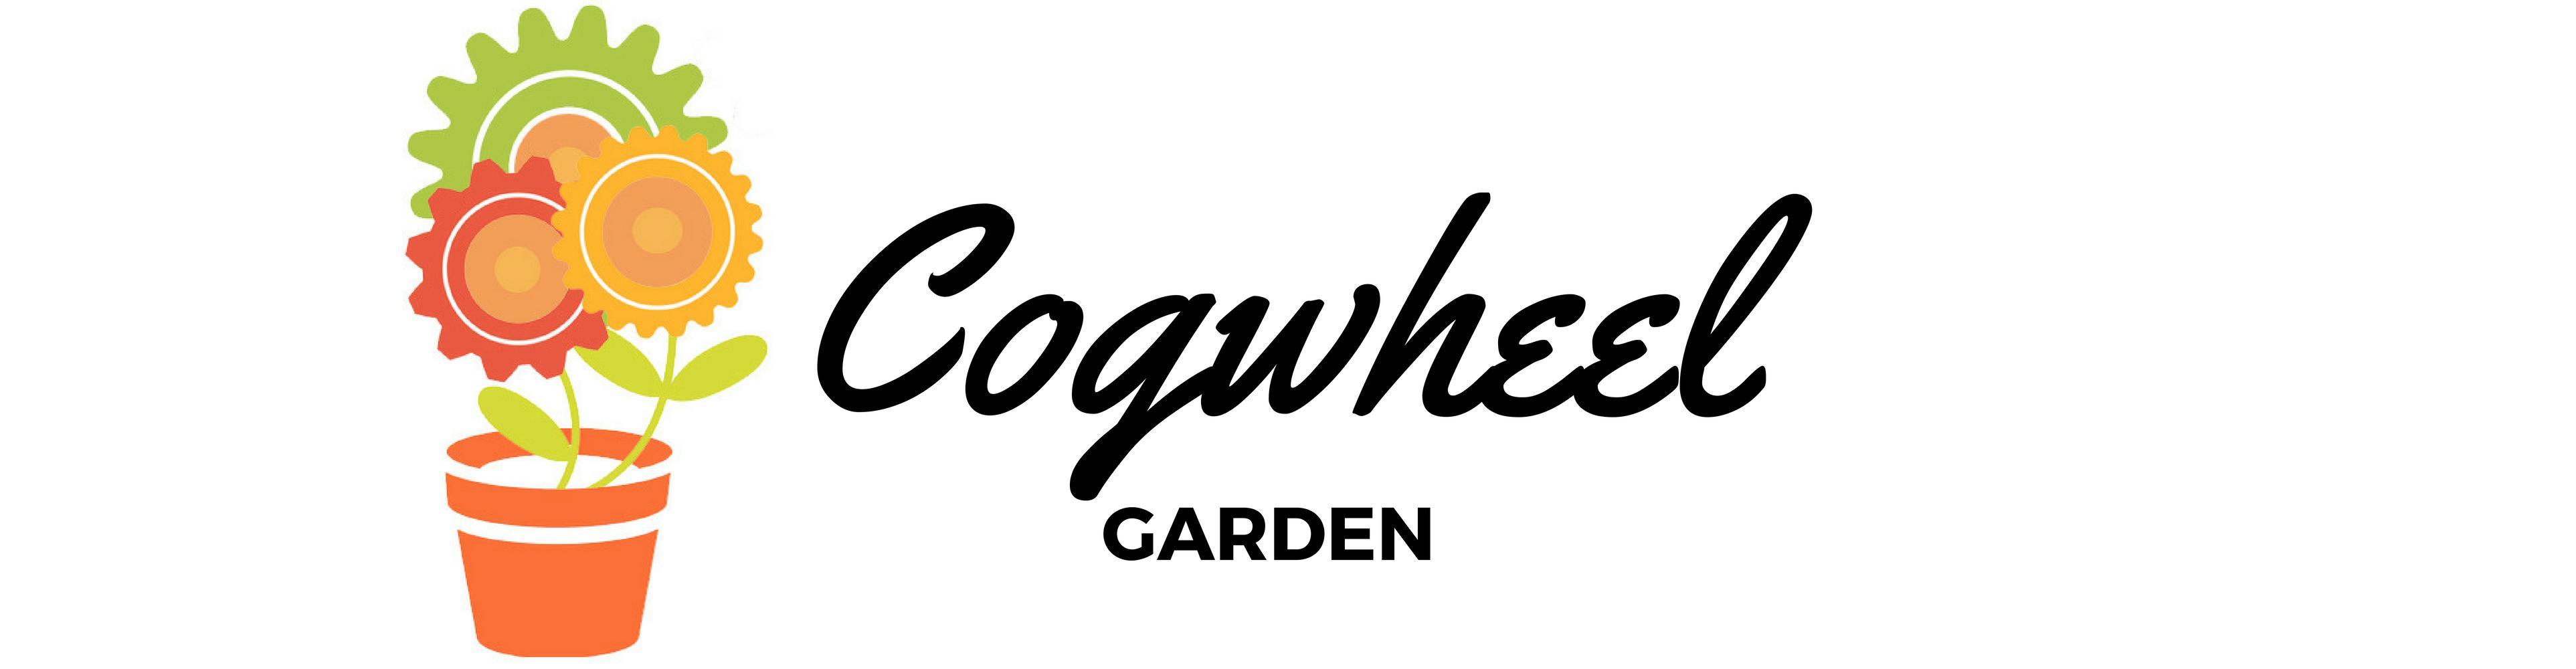 Cogwheel Garden